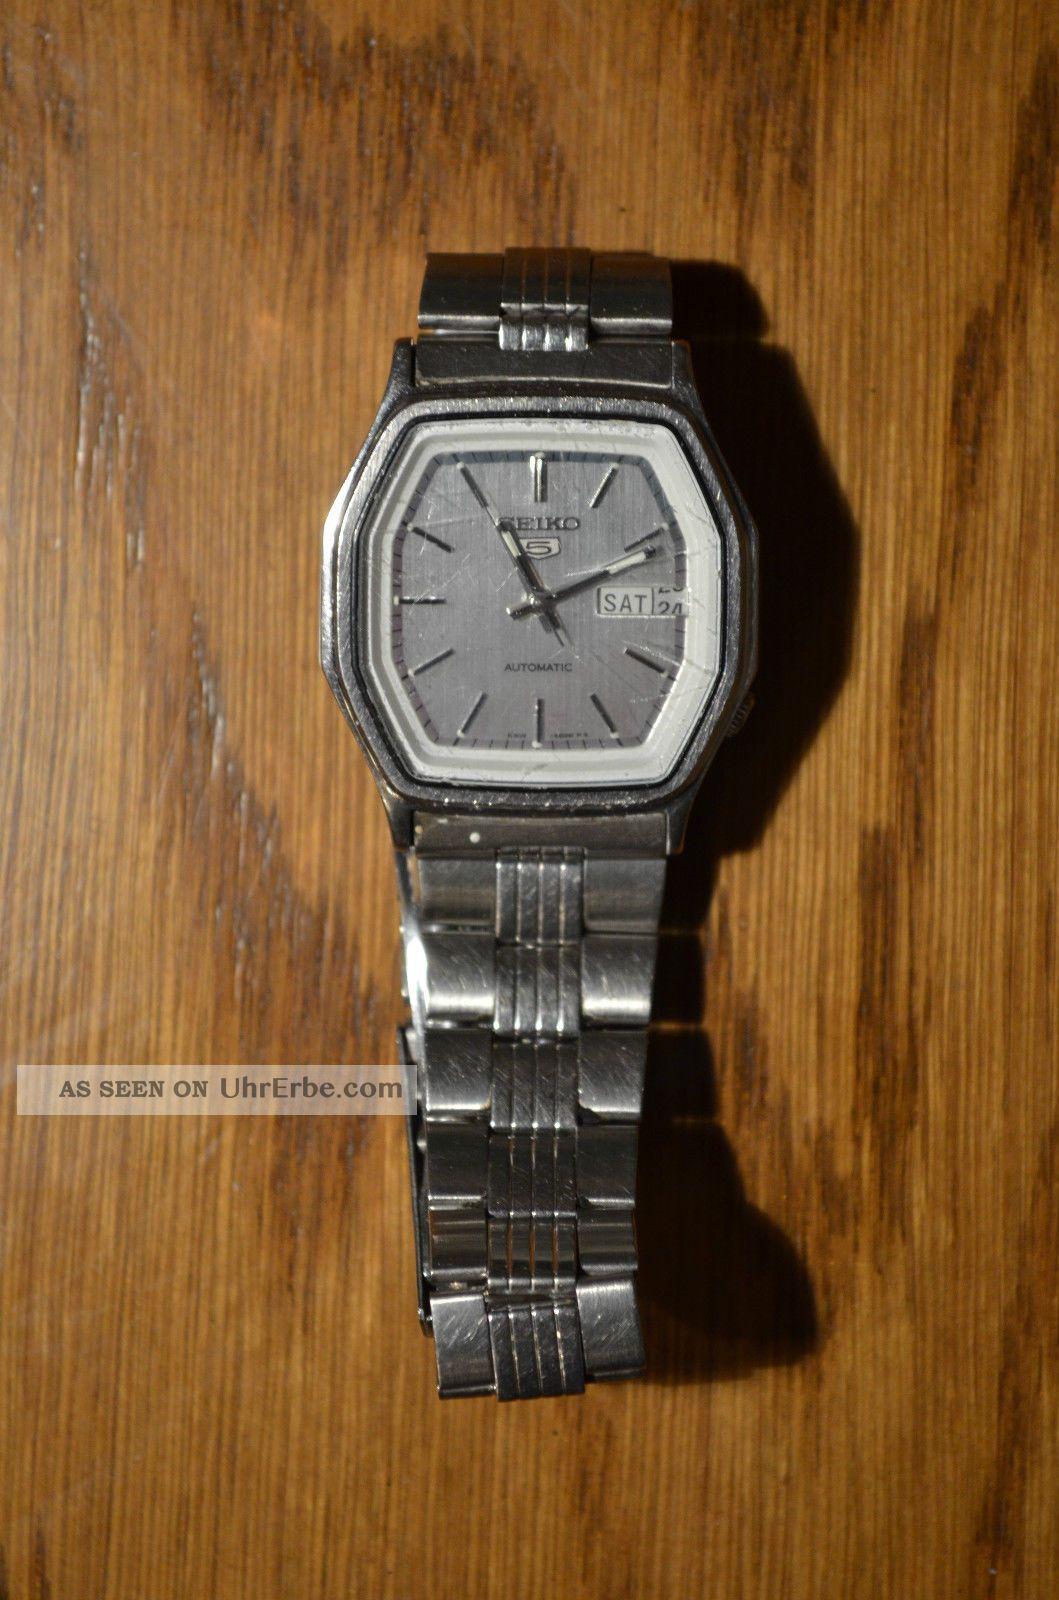 Armbanduhr Herrenarmbanduhr Seiko Automatic Glas Zerkratzt Armbanduhren Bild